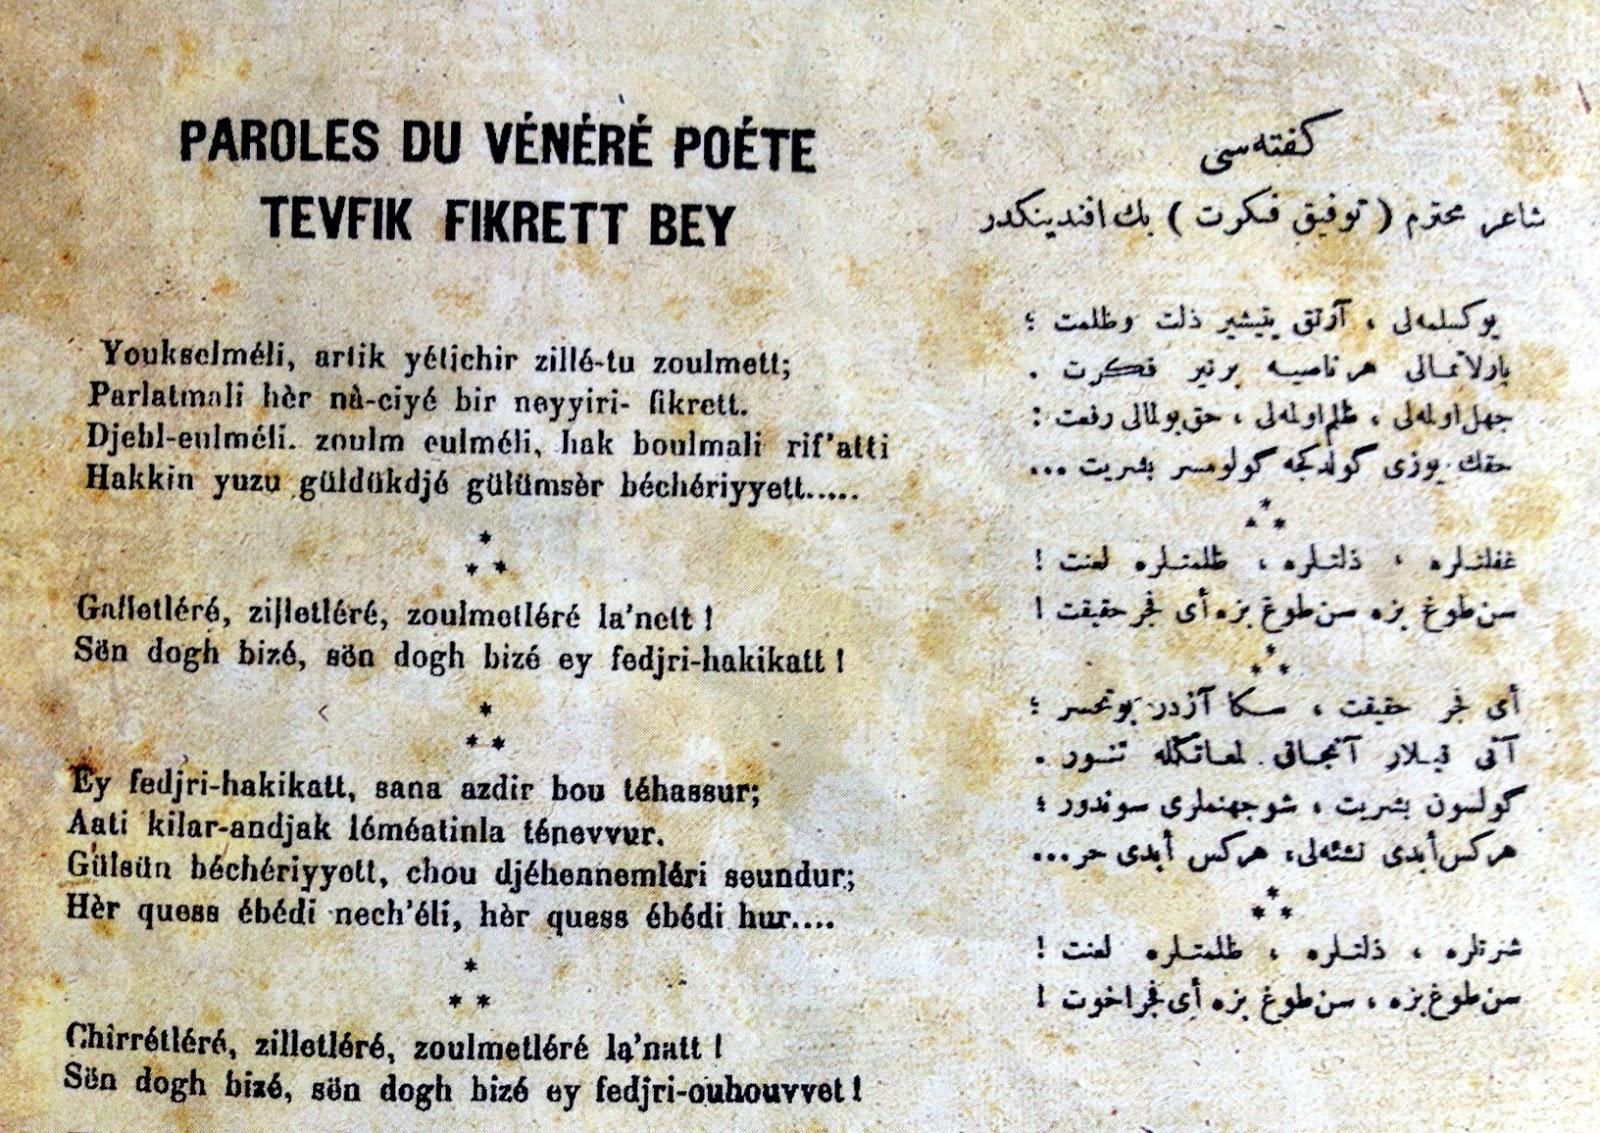 Darülfünun Marşı Arap Alfabesiyle Yazılmış Solda Latin Alfabesiyle Transliterasyonu Mevcuttur. Bu Dönem Fransızcanın Etkisi Ve Henüz Latin Alfabesi Fransızcaya Benzer